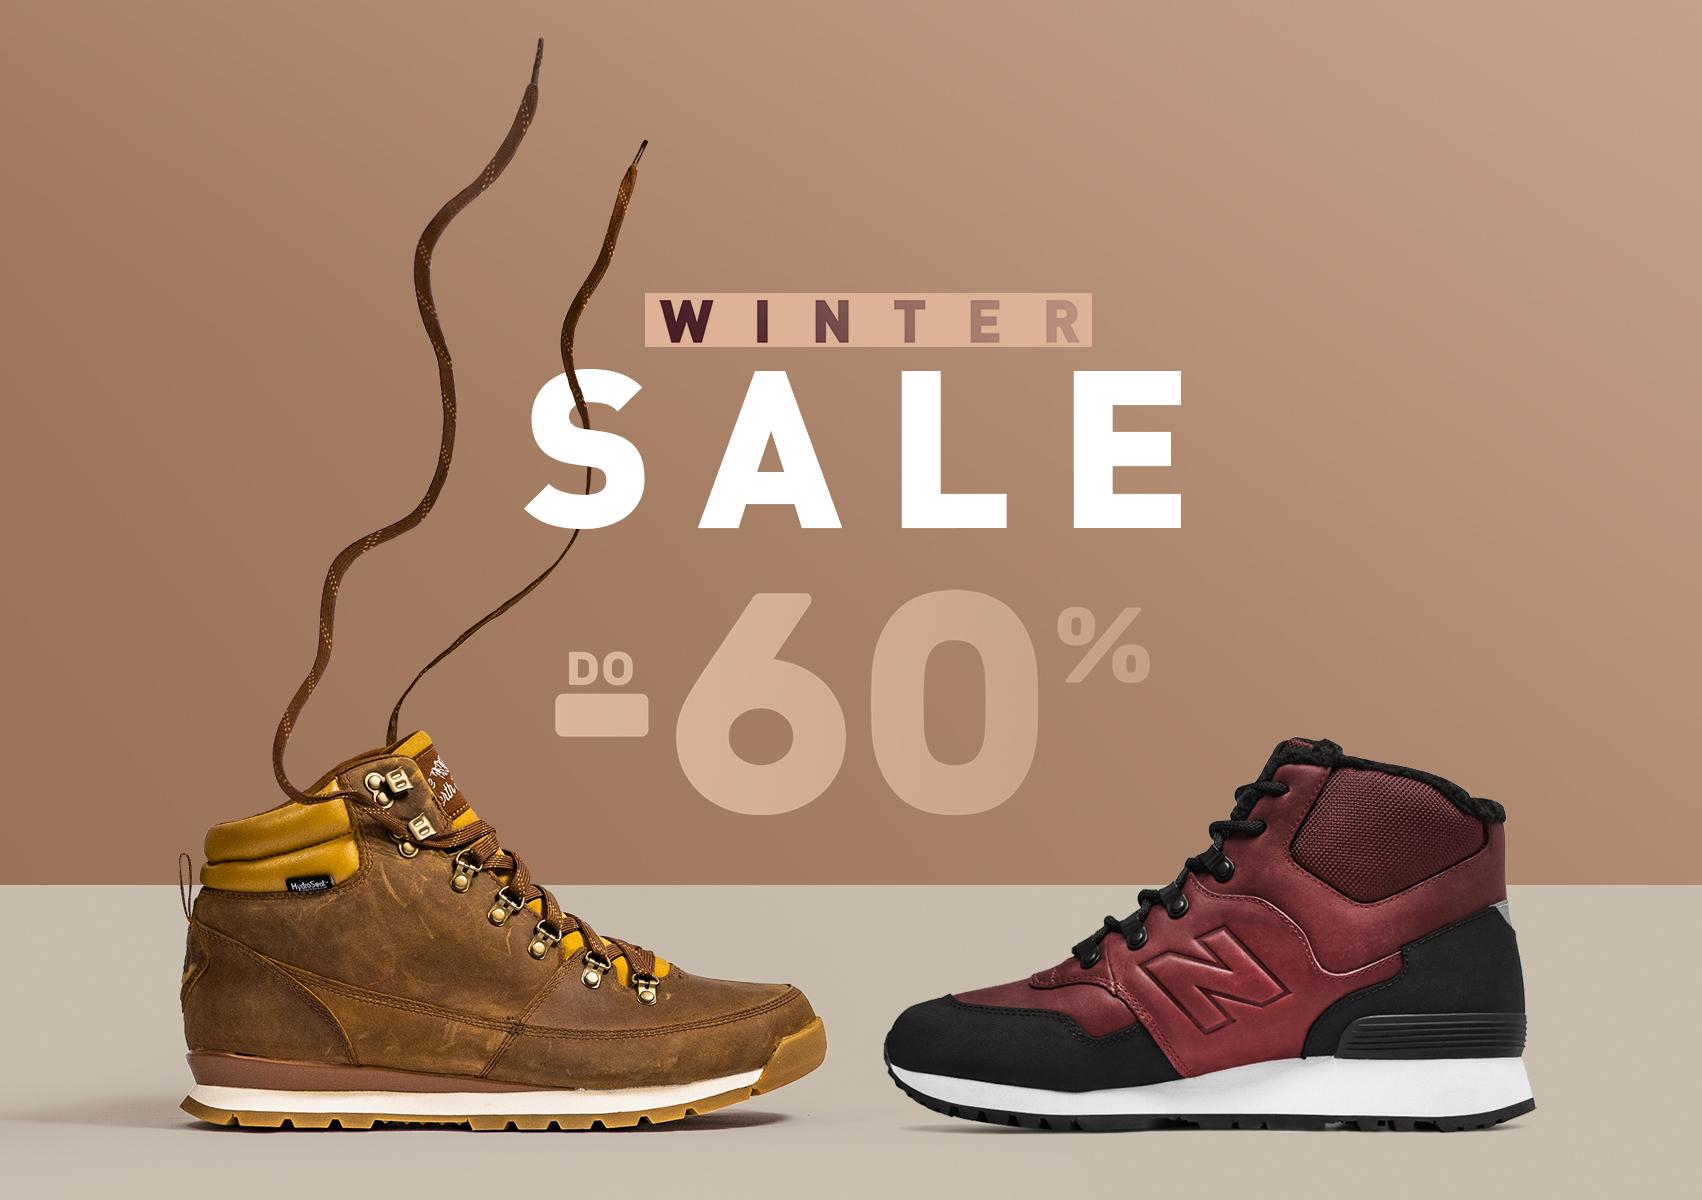 Wyprzedaż do -60% New Balance, adidas, Nike, Timberland, the north face i inne